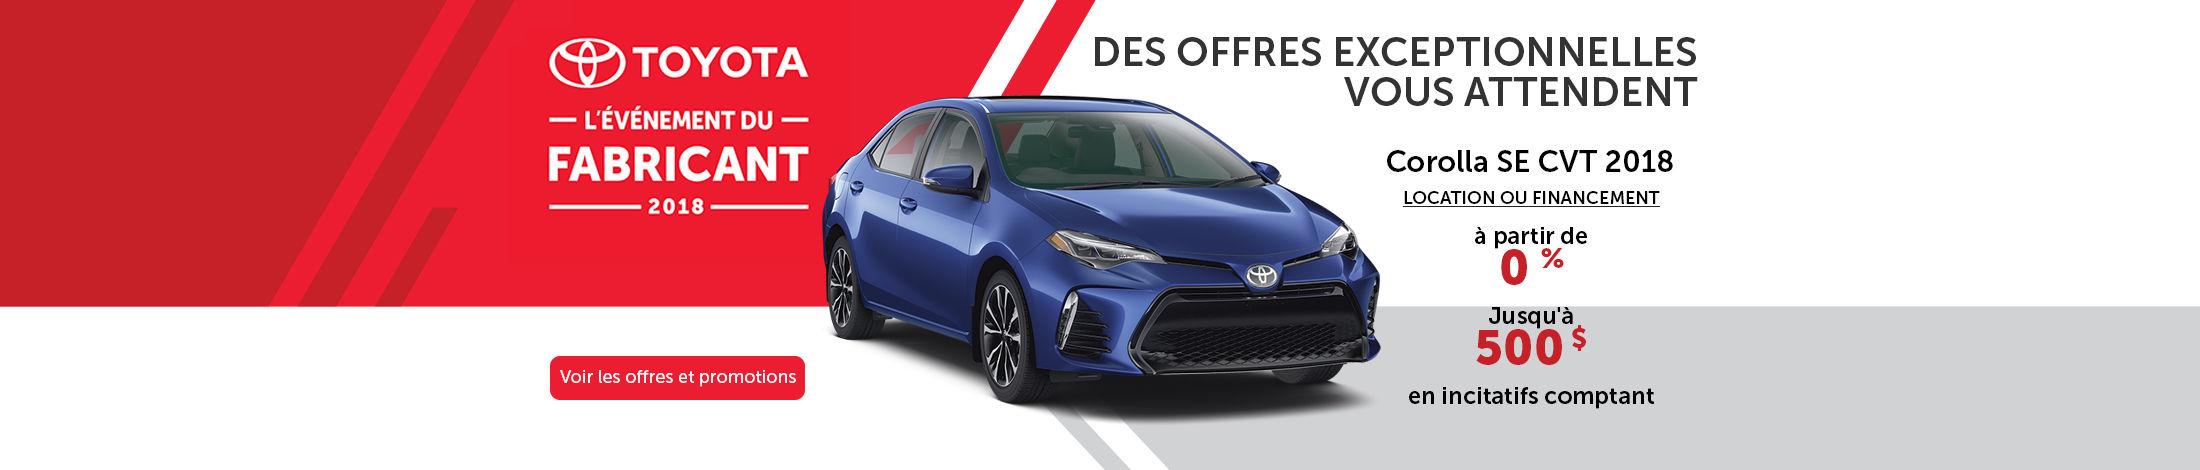 Toyota l'événement du fabricant 2018